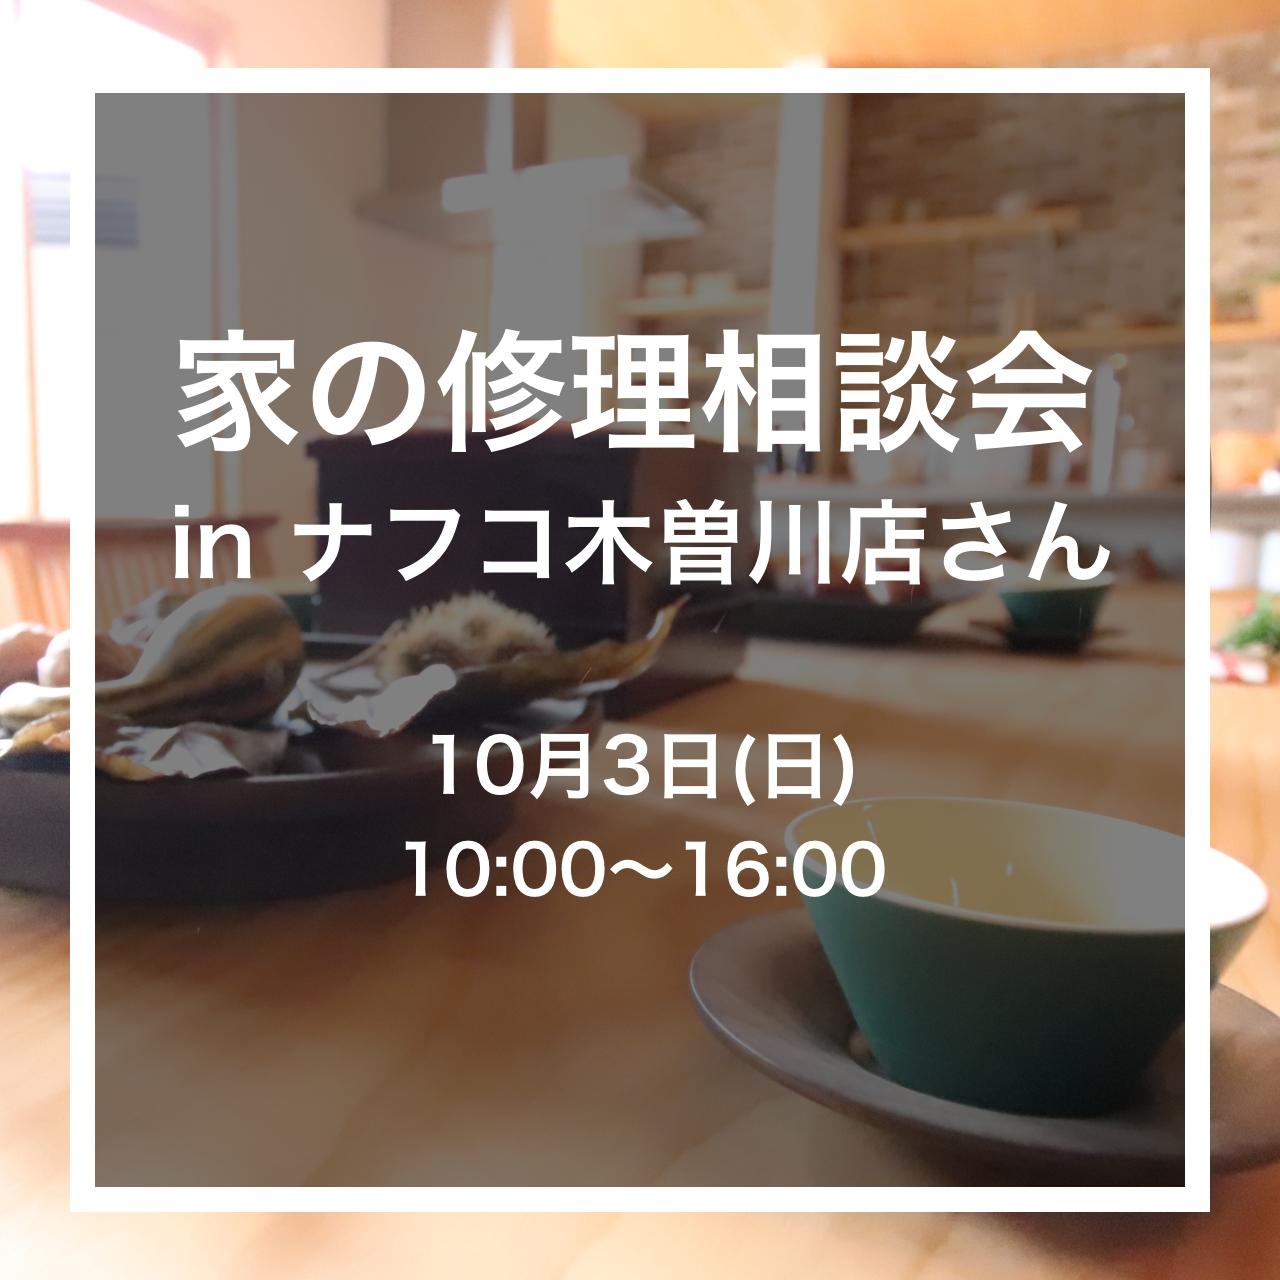 家の修理相談会inナフコ木曽川店さん